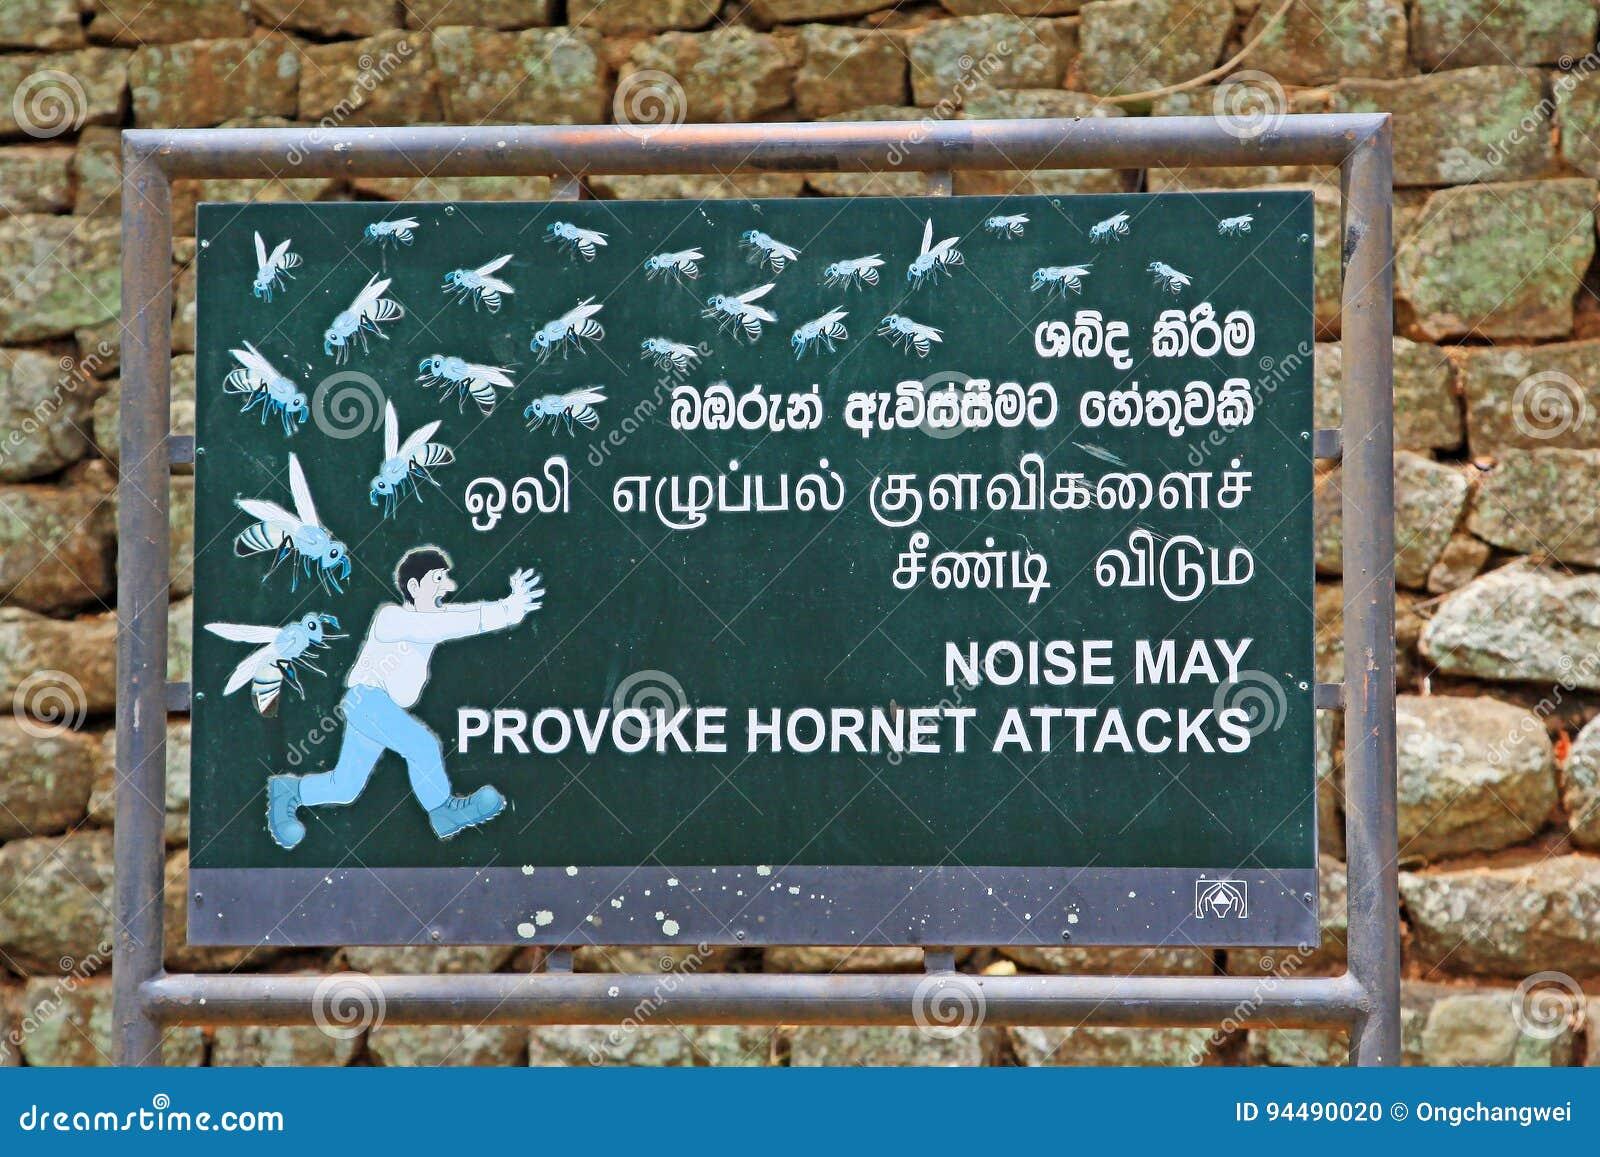 Noise May Provoke Hornet Attacks Board In Sigiriya Sri Lanka